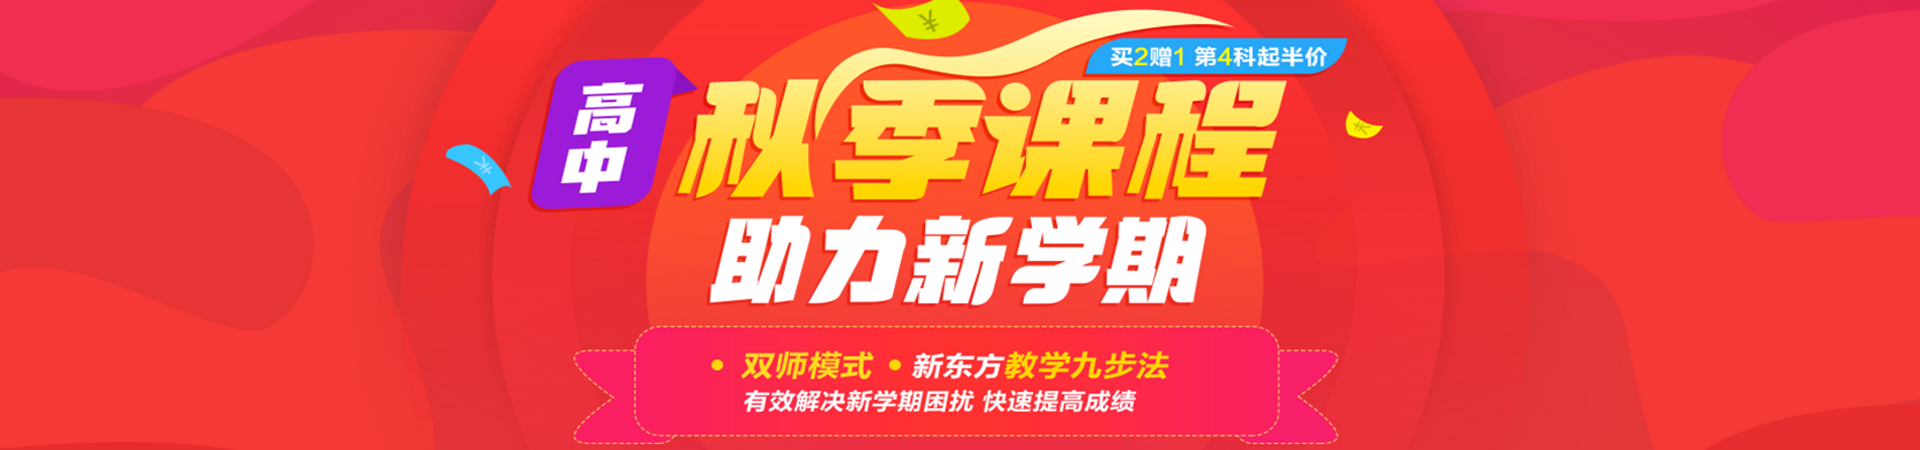 芜湖高中网校培训